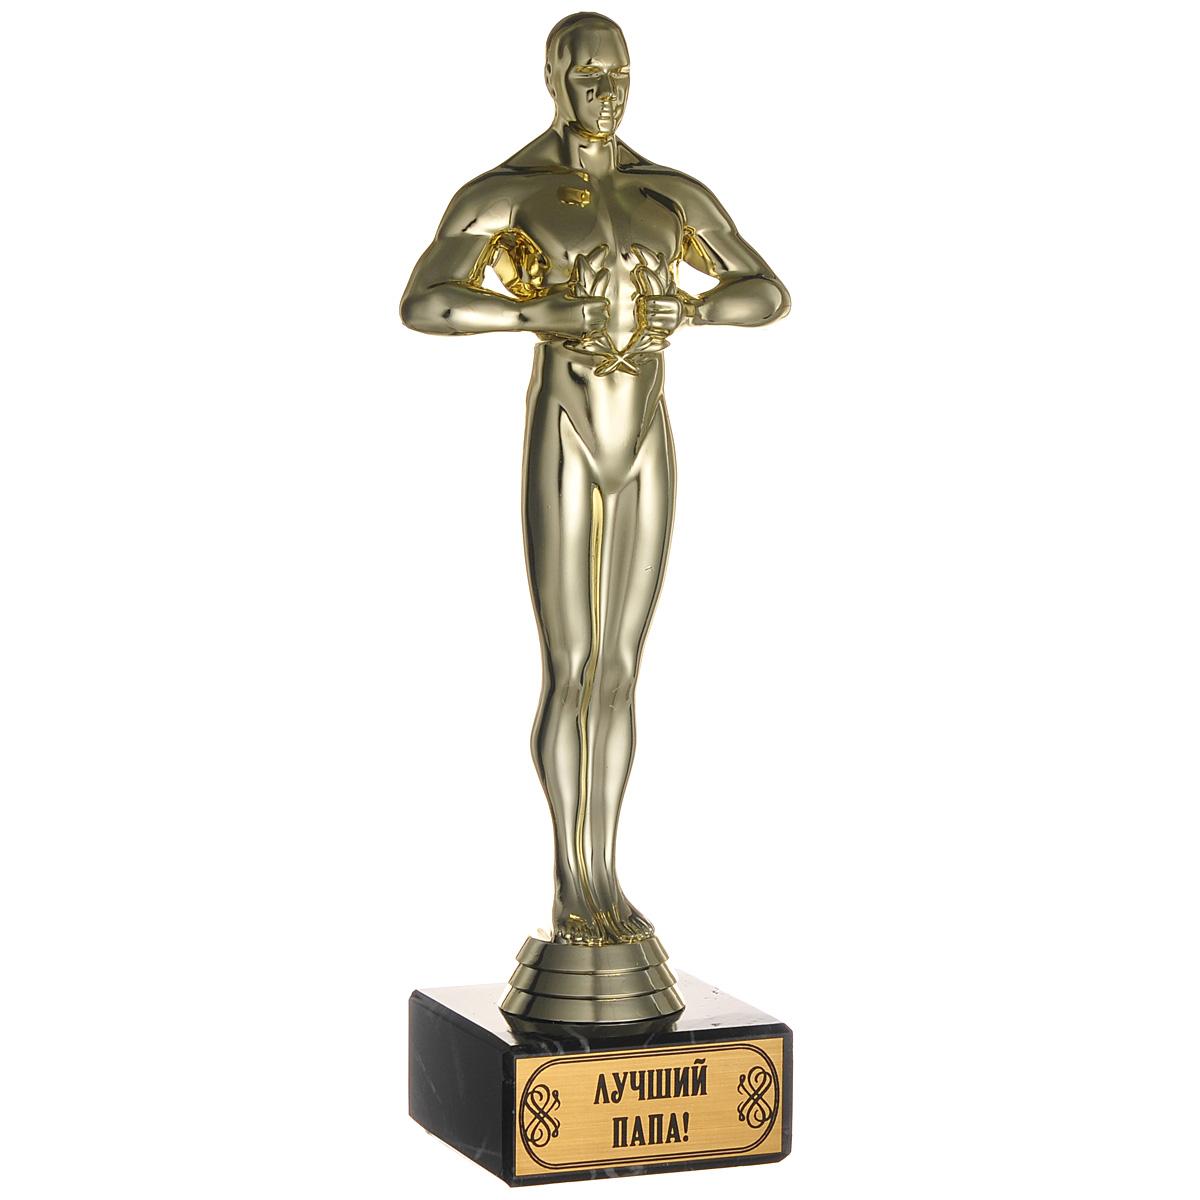 Кубок Оскар. Лучший папа!, высота 24 см